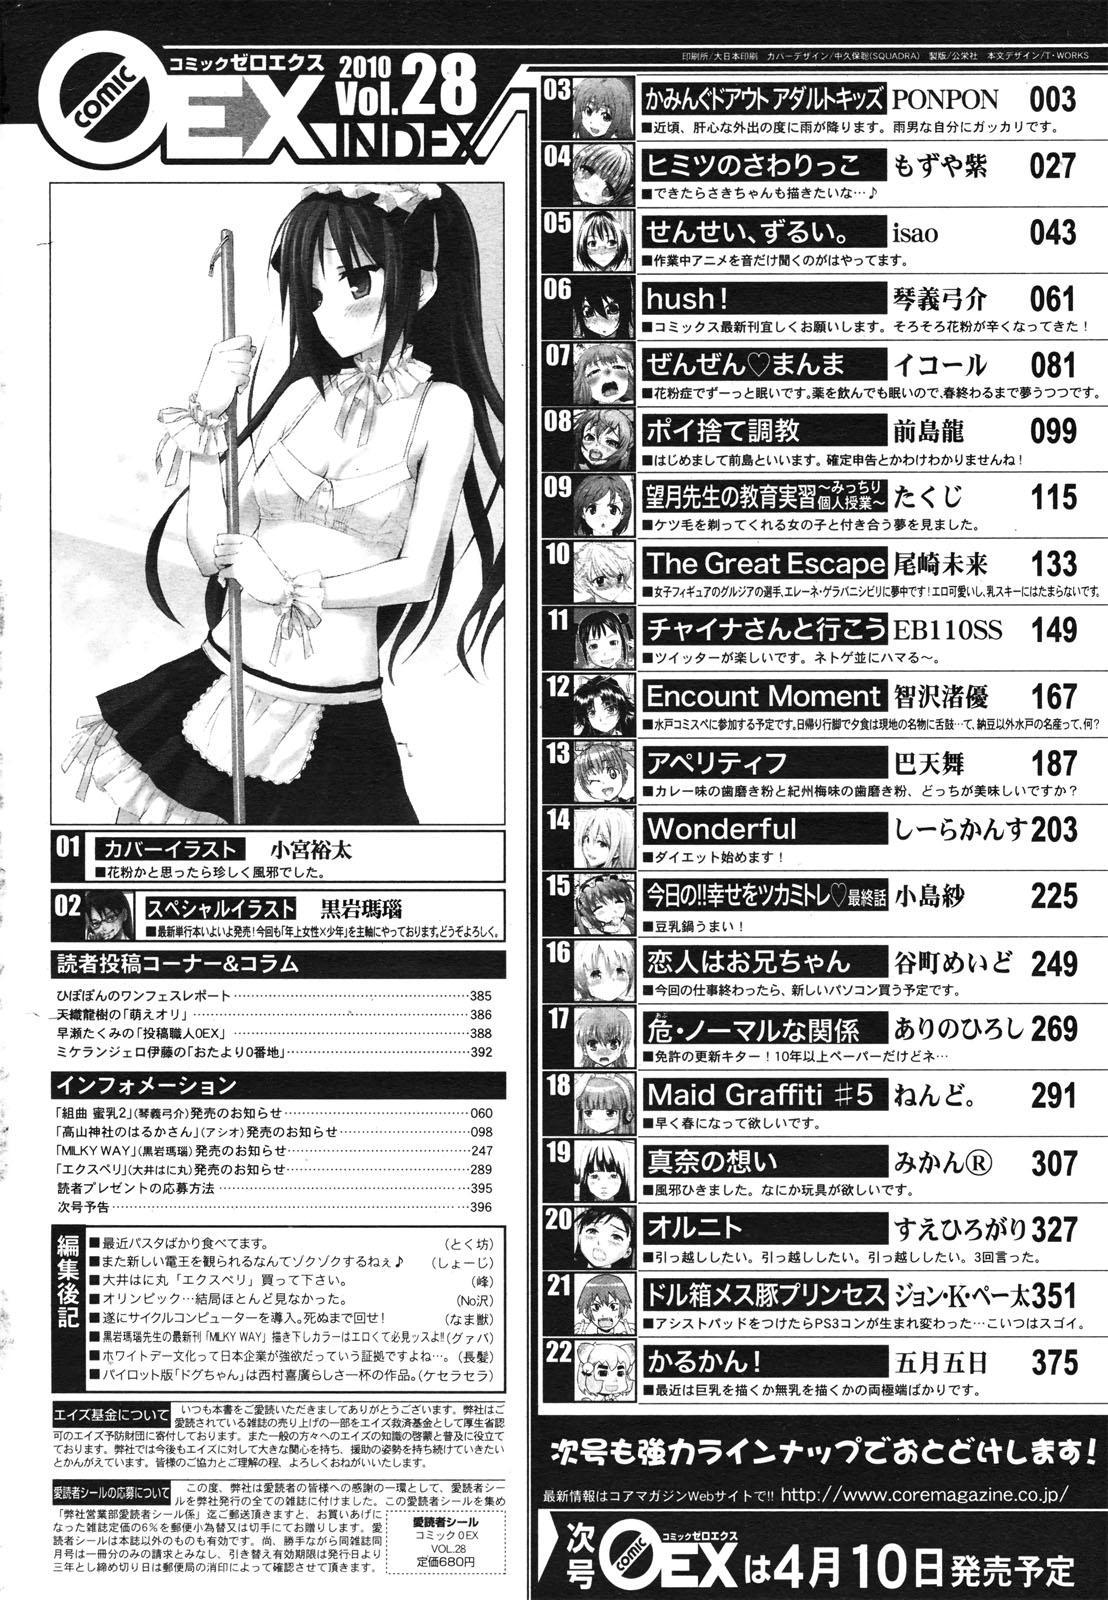 COMIC 0EX Vol. 28 2010-04 395